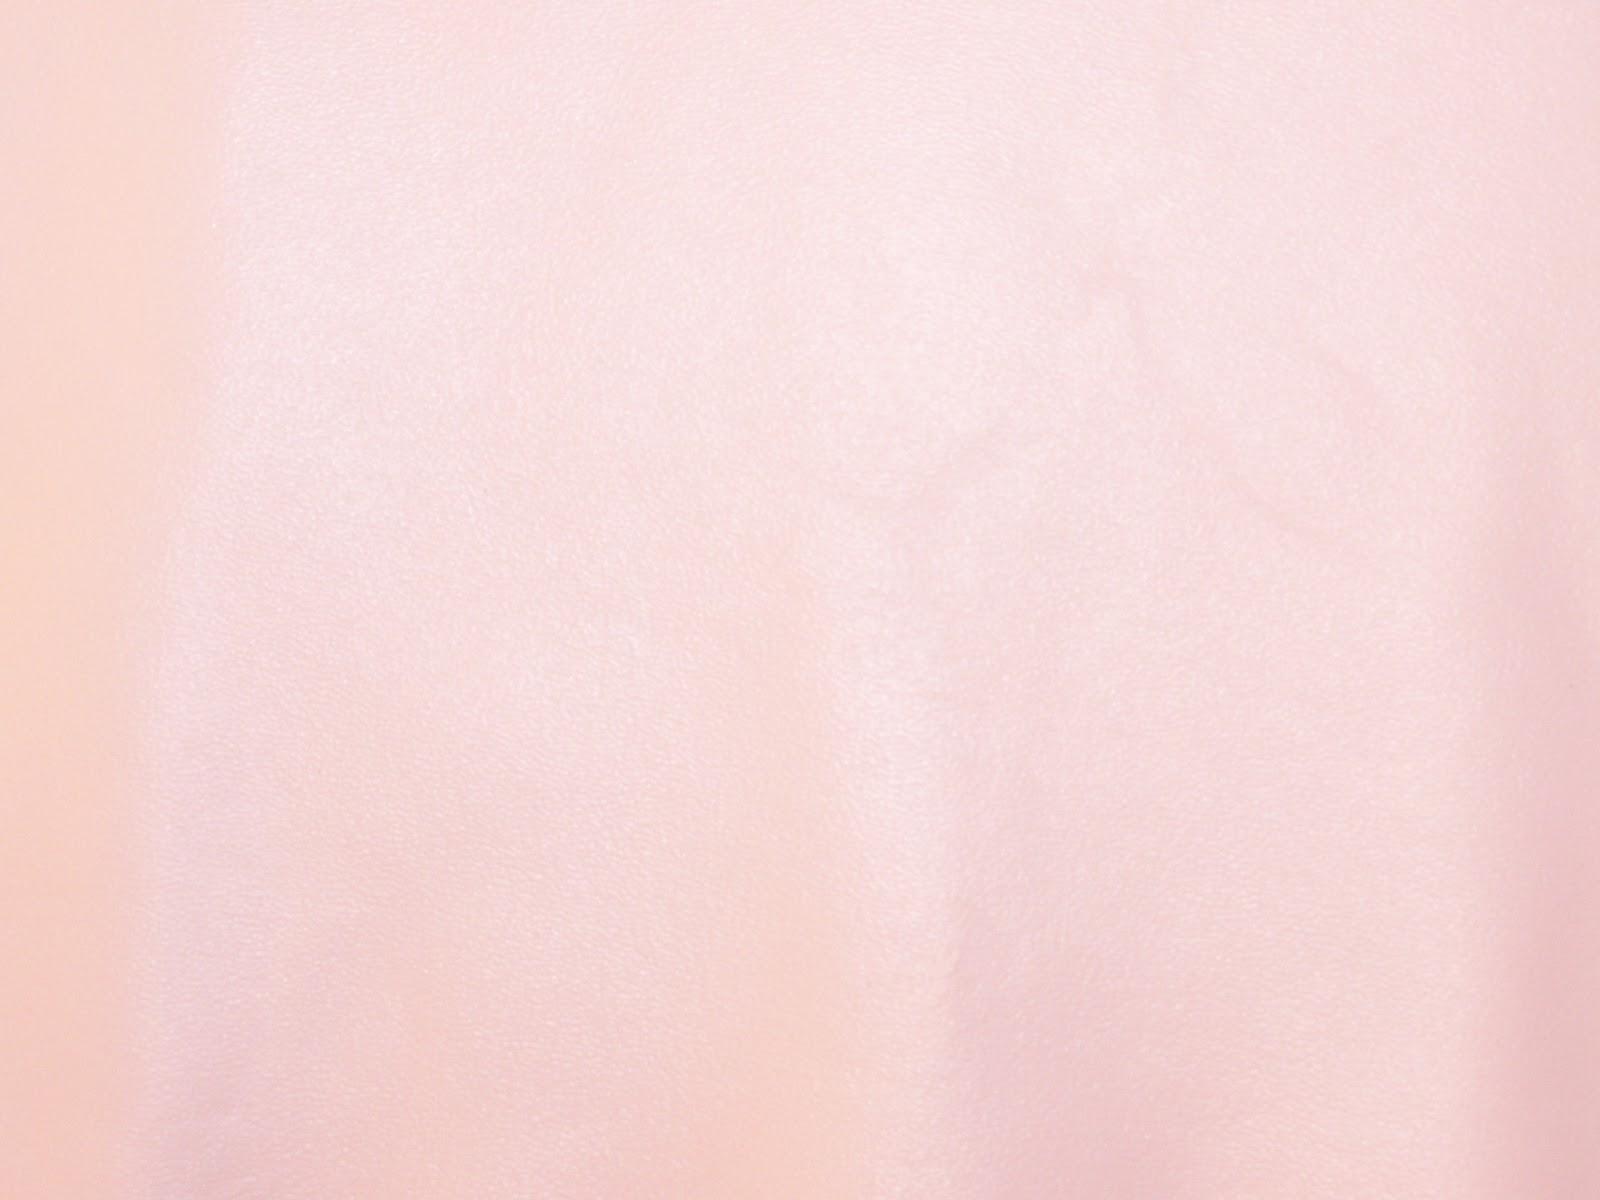 for La couleur rose pale